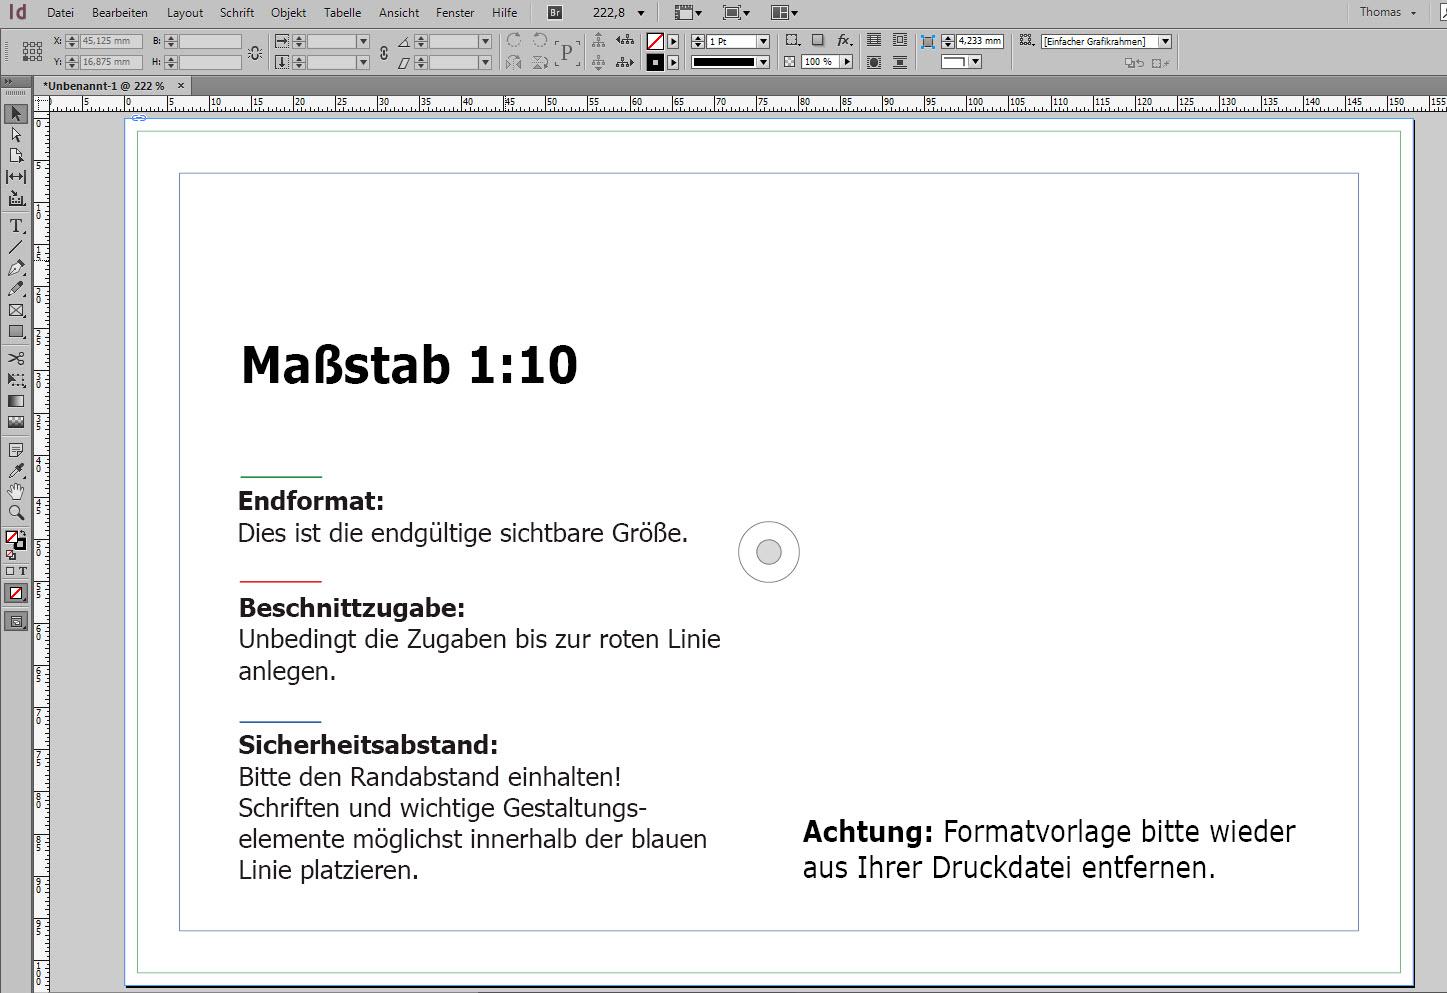 Datei-anlegen-fuer-Tischdecken-Druck